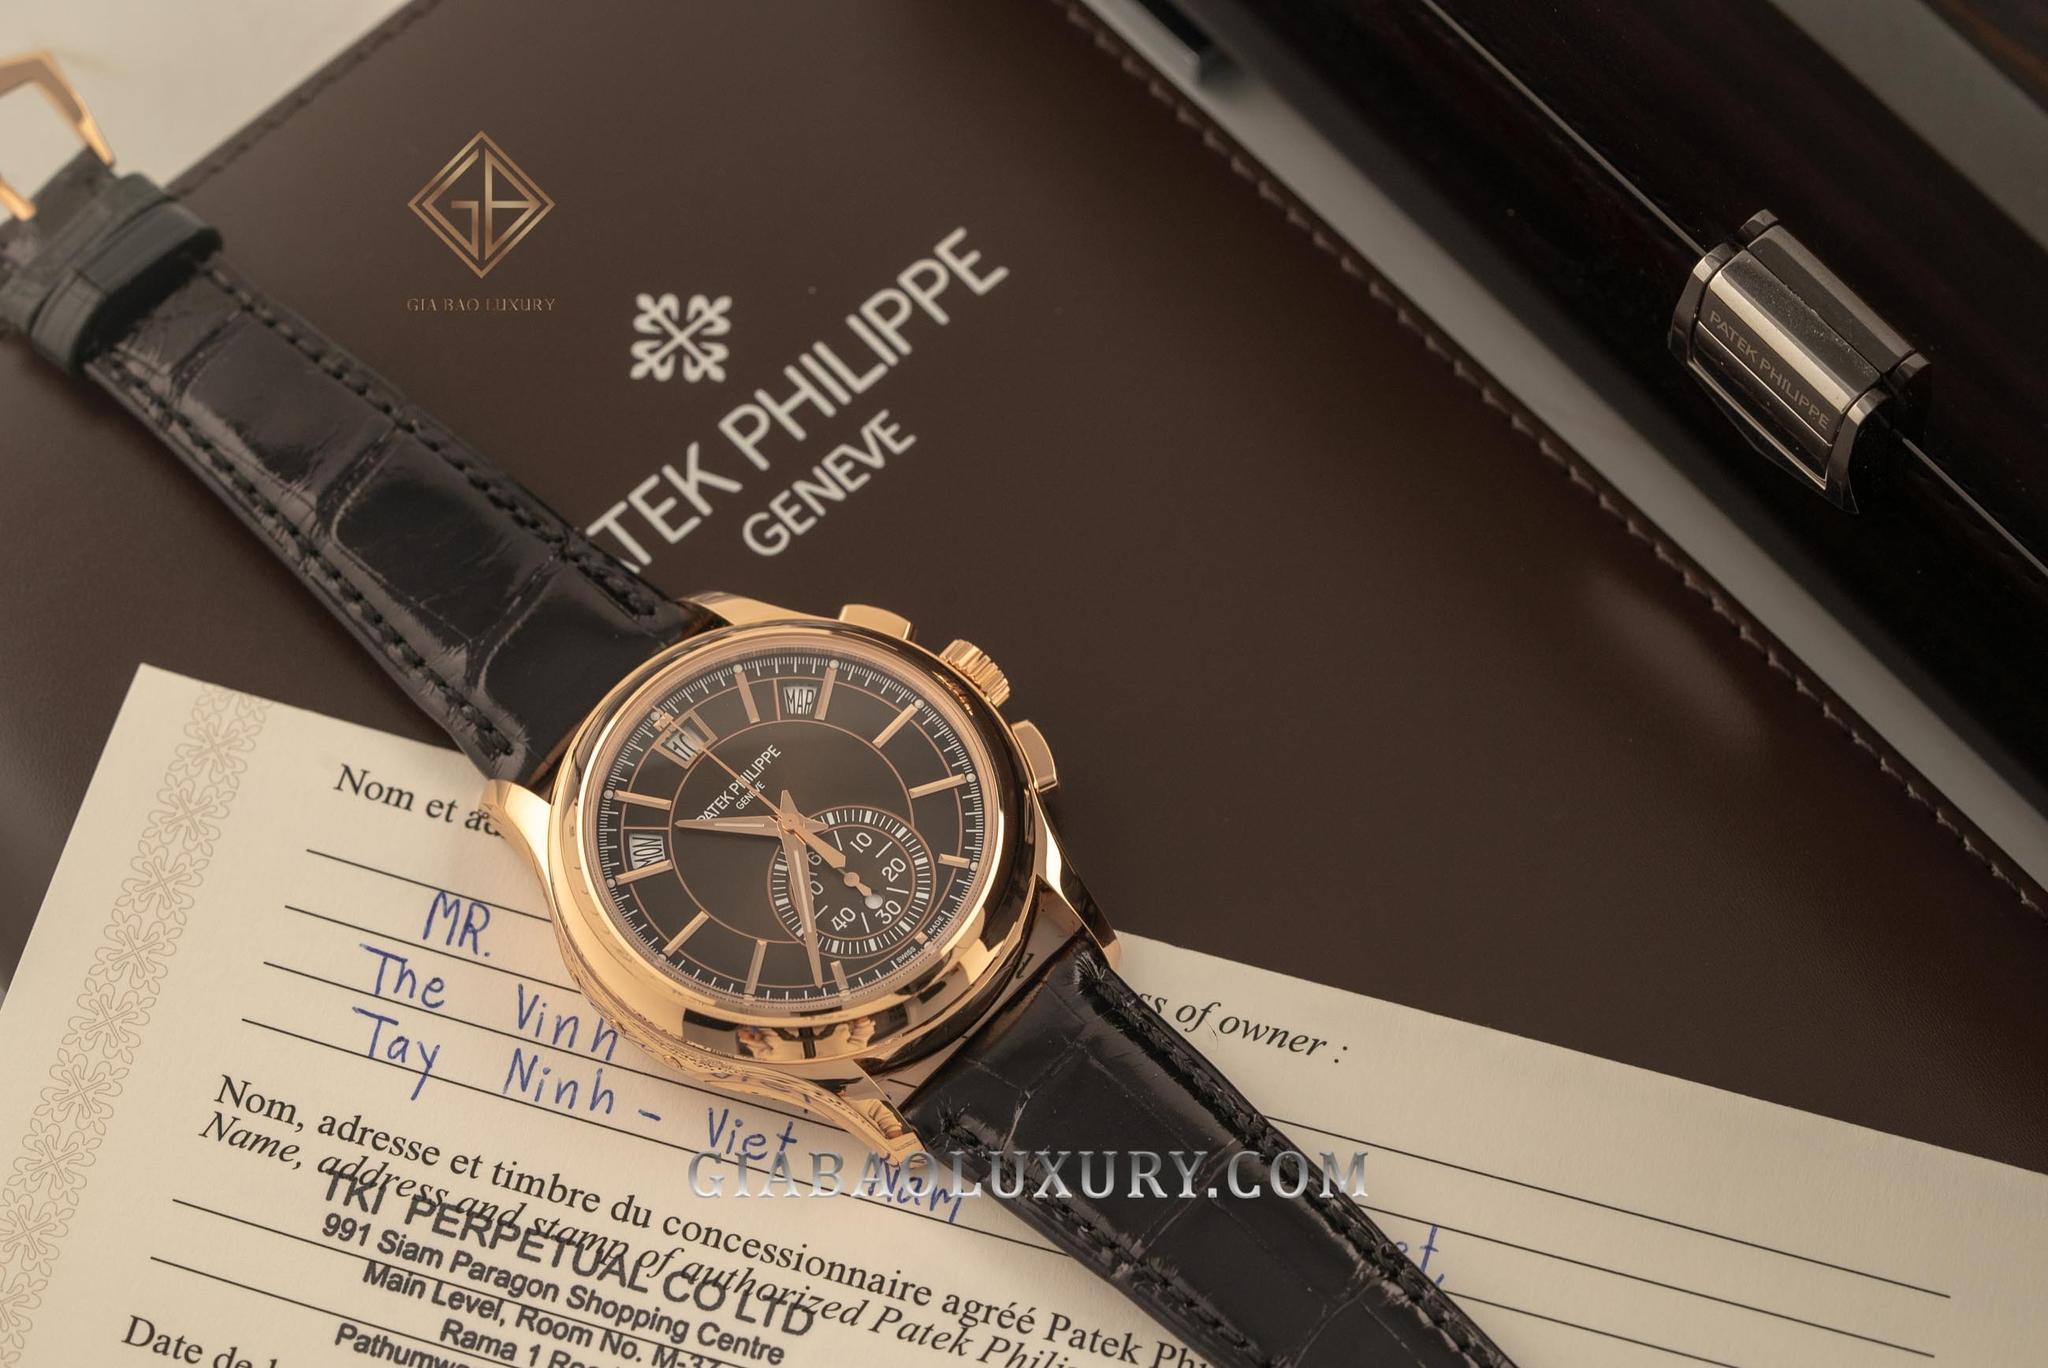 Khoảng 1,4 tỷ VNĐ nên mua Patek Philippe lịch vạn niên 5140R hay  Chronograph lịch thường niên 5905R? Đâu là sự lựa chọn sáng suốt?